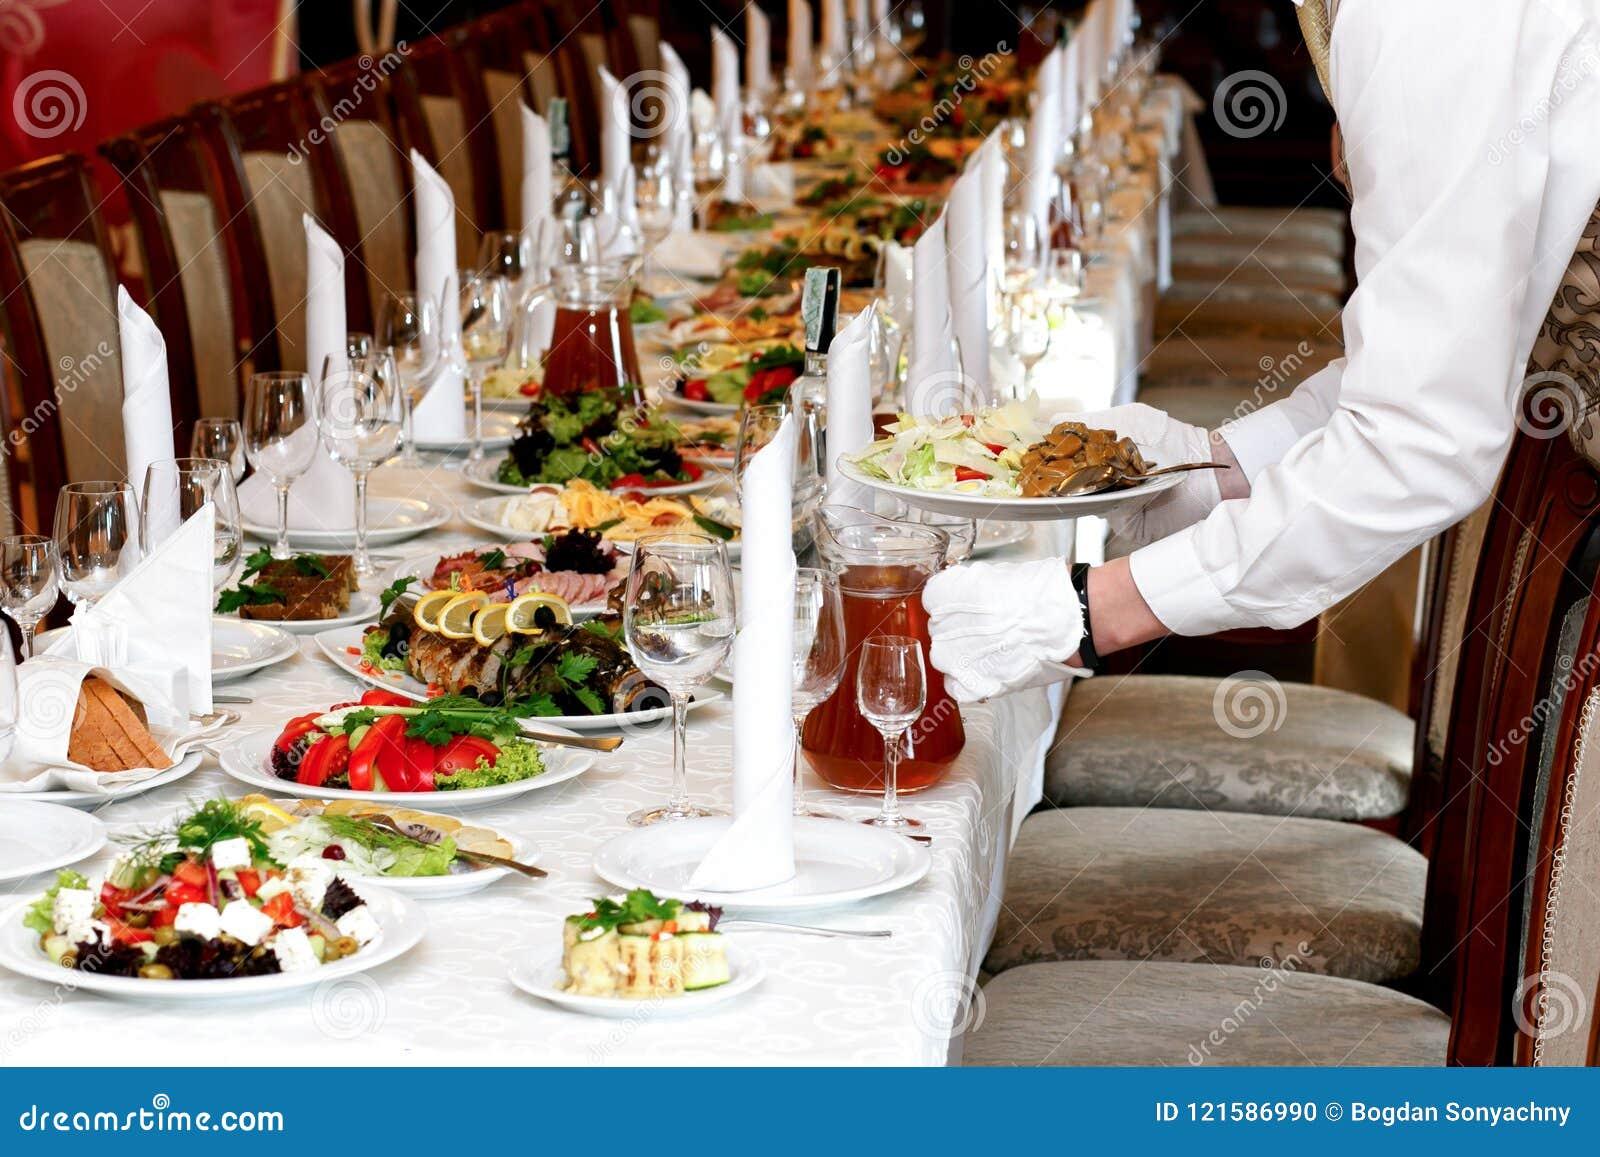 侍者服务食物在豪华桌上设置了在结婚宴会,加州